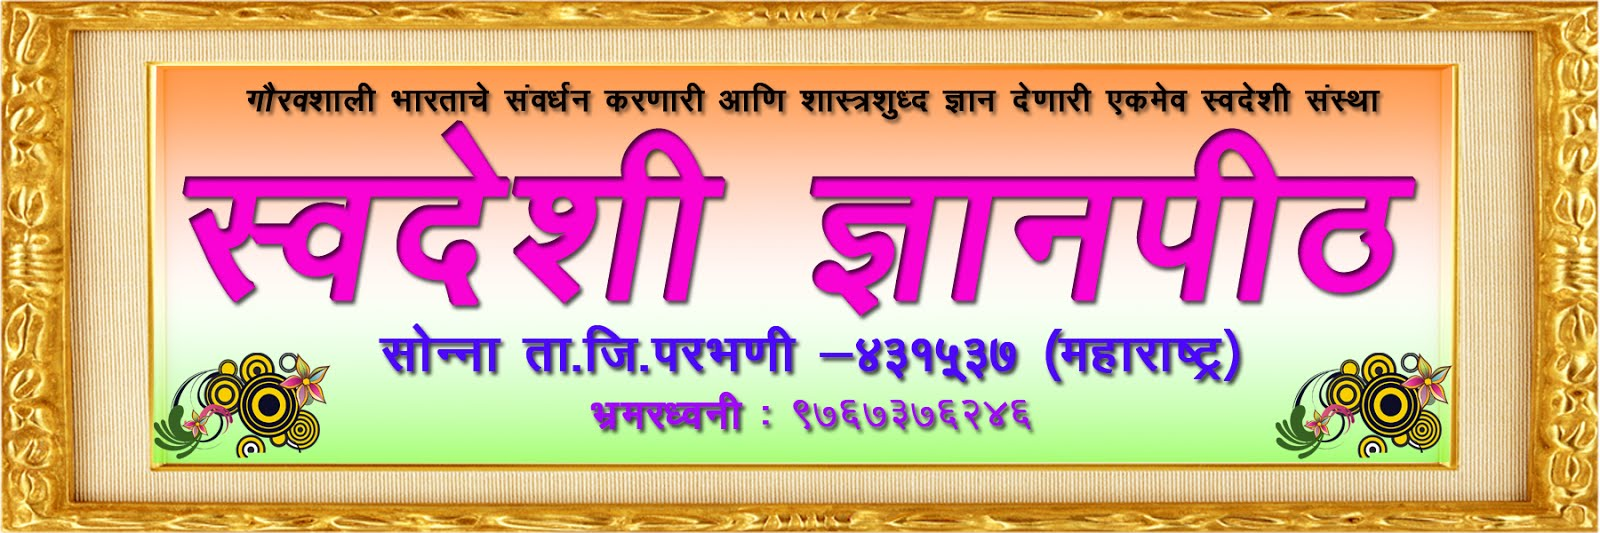 माझा हिंदीतील ब्लॉग पाहाण्यासाठी